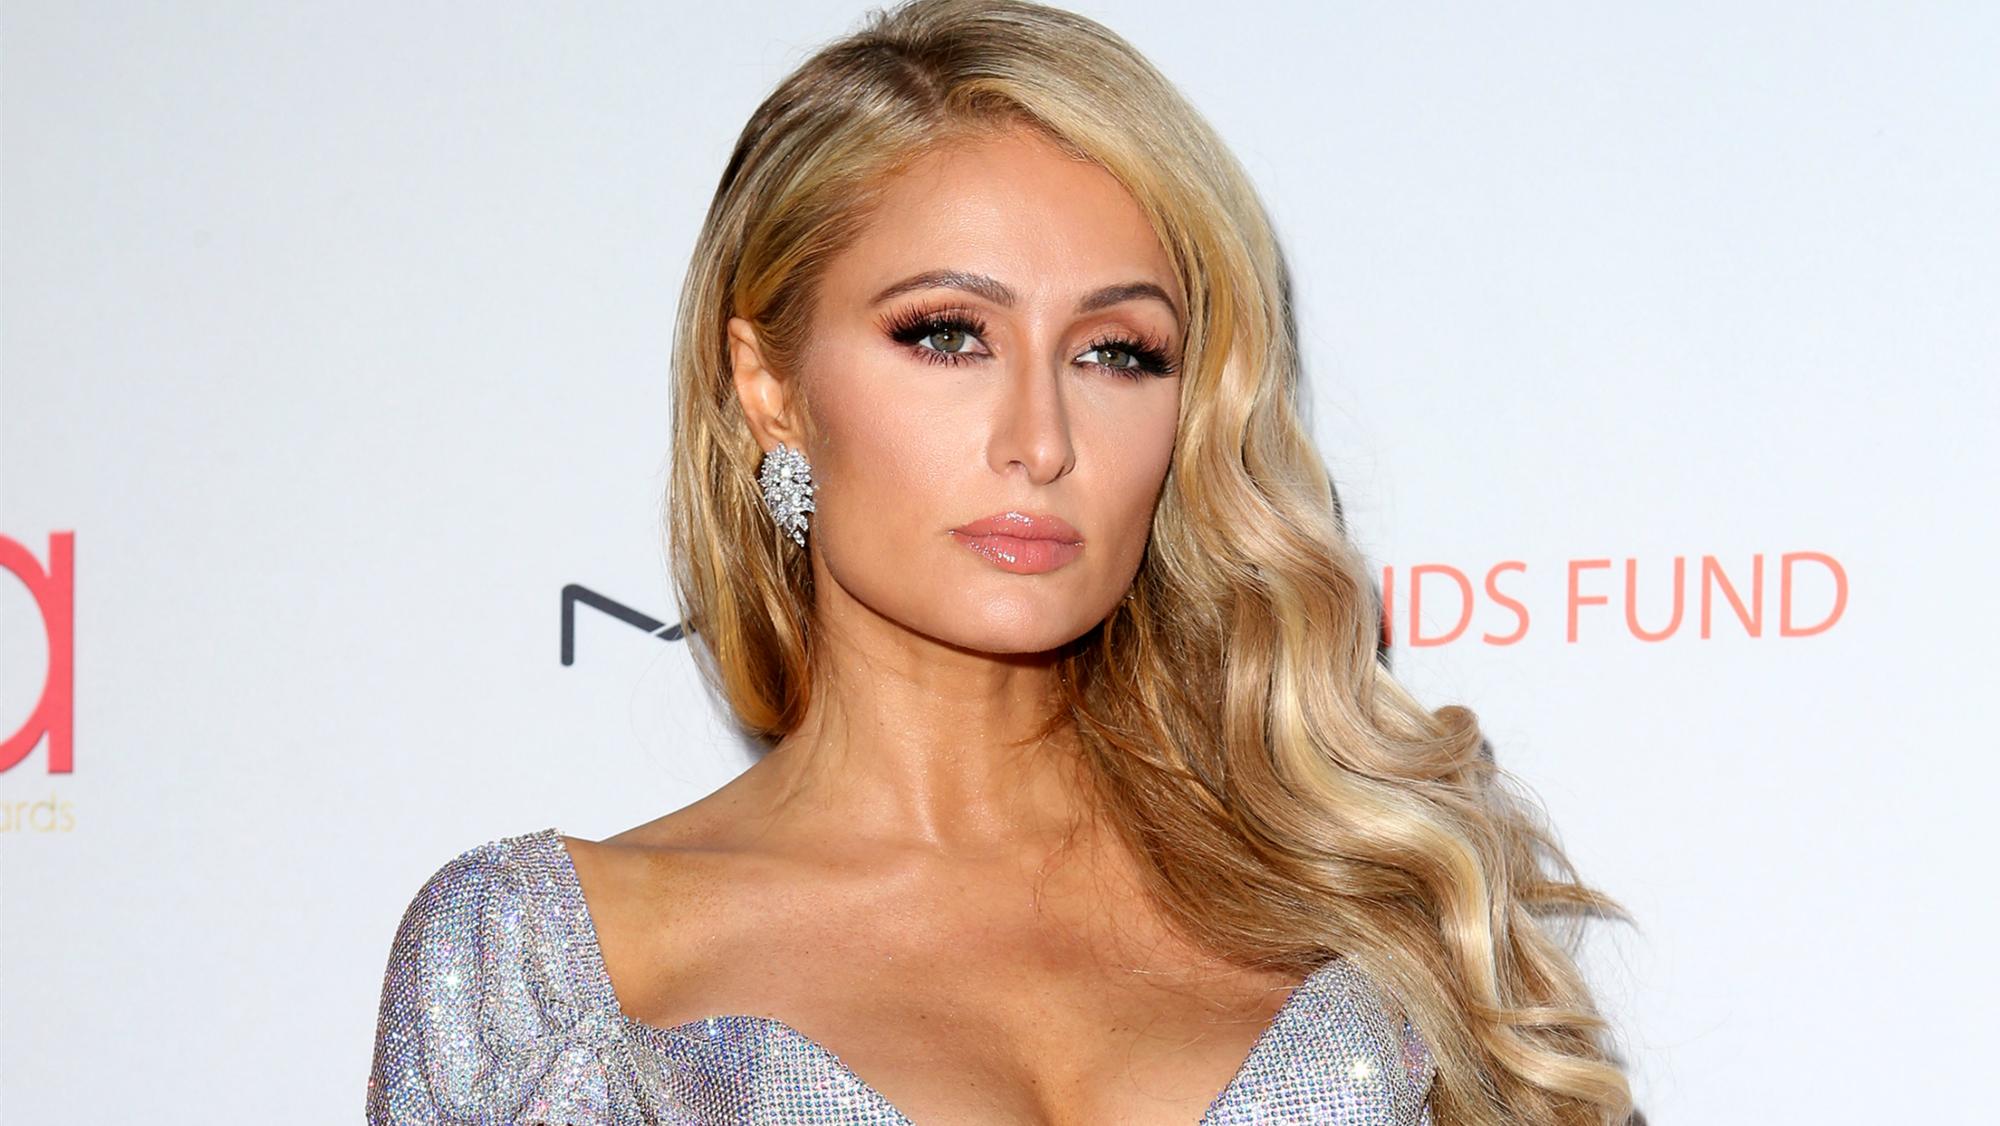 Bí mật ít ai biết giúp Paris Hilton giữ dáng lại trẻ đẹp hơn nhiều so với tuổi thật, tự tin sánh đôi bên hôn phu kém 4 tuổi - Ảnh 1